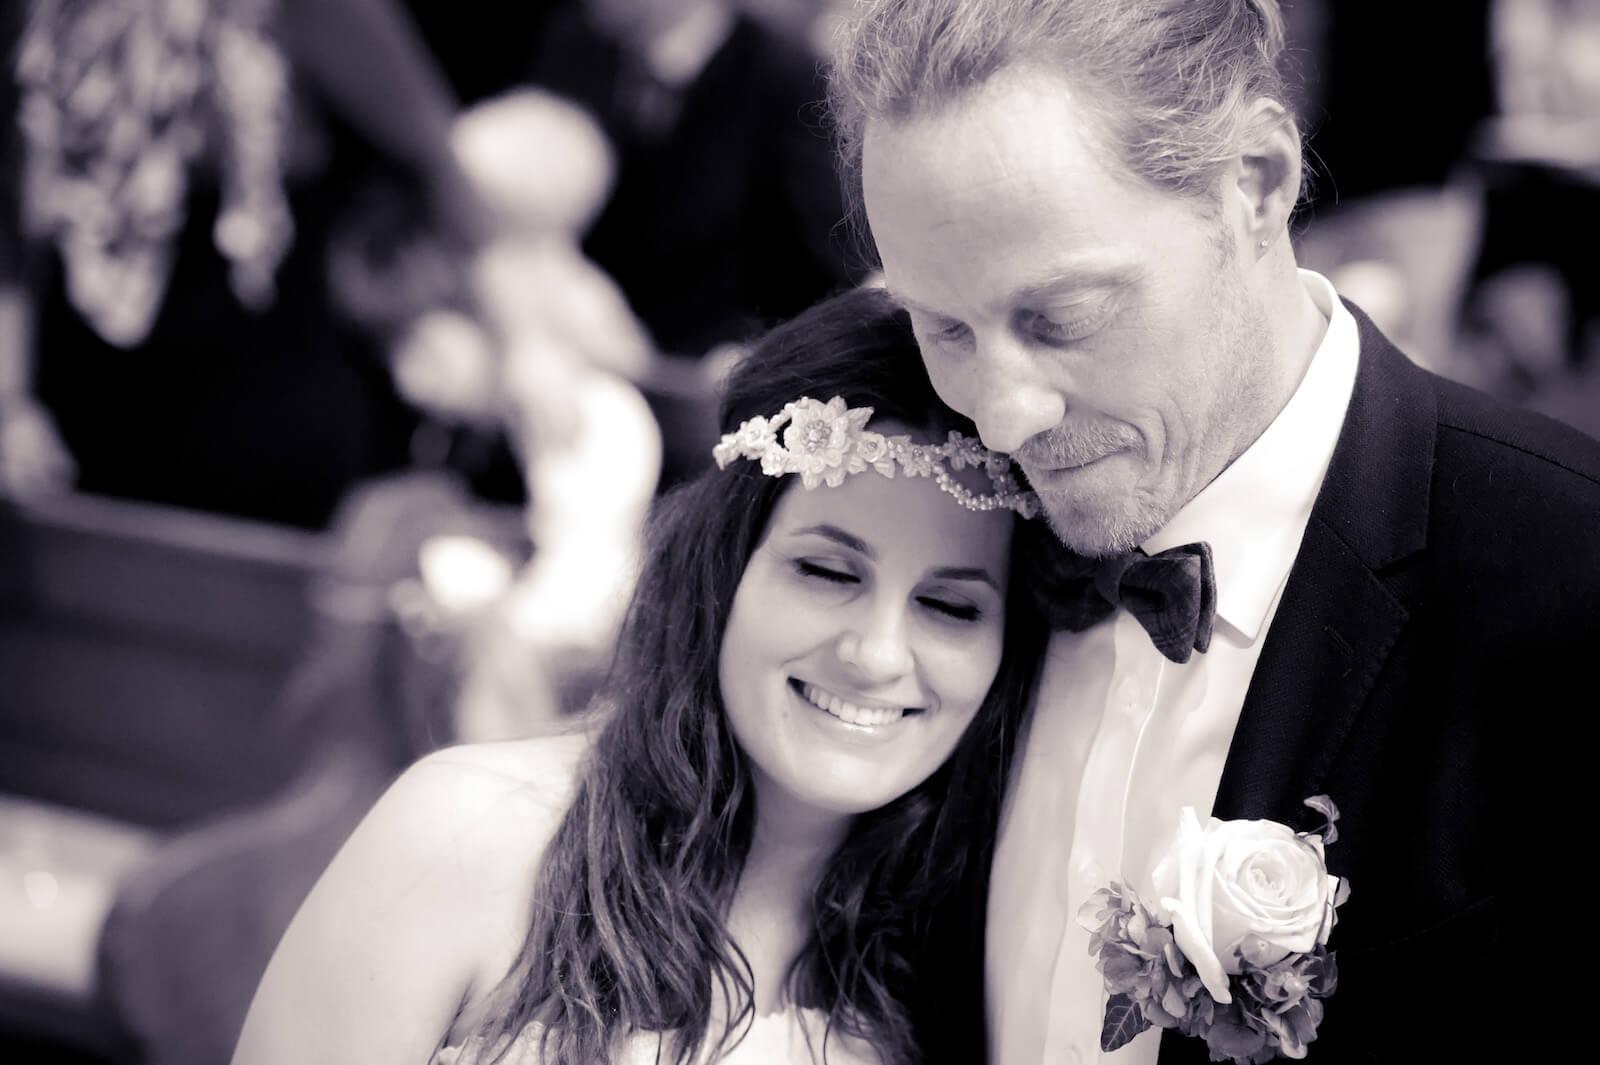 Hochzeit Bohostyle Landsberg - das Brautpaar während der Trauung in der Kirche